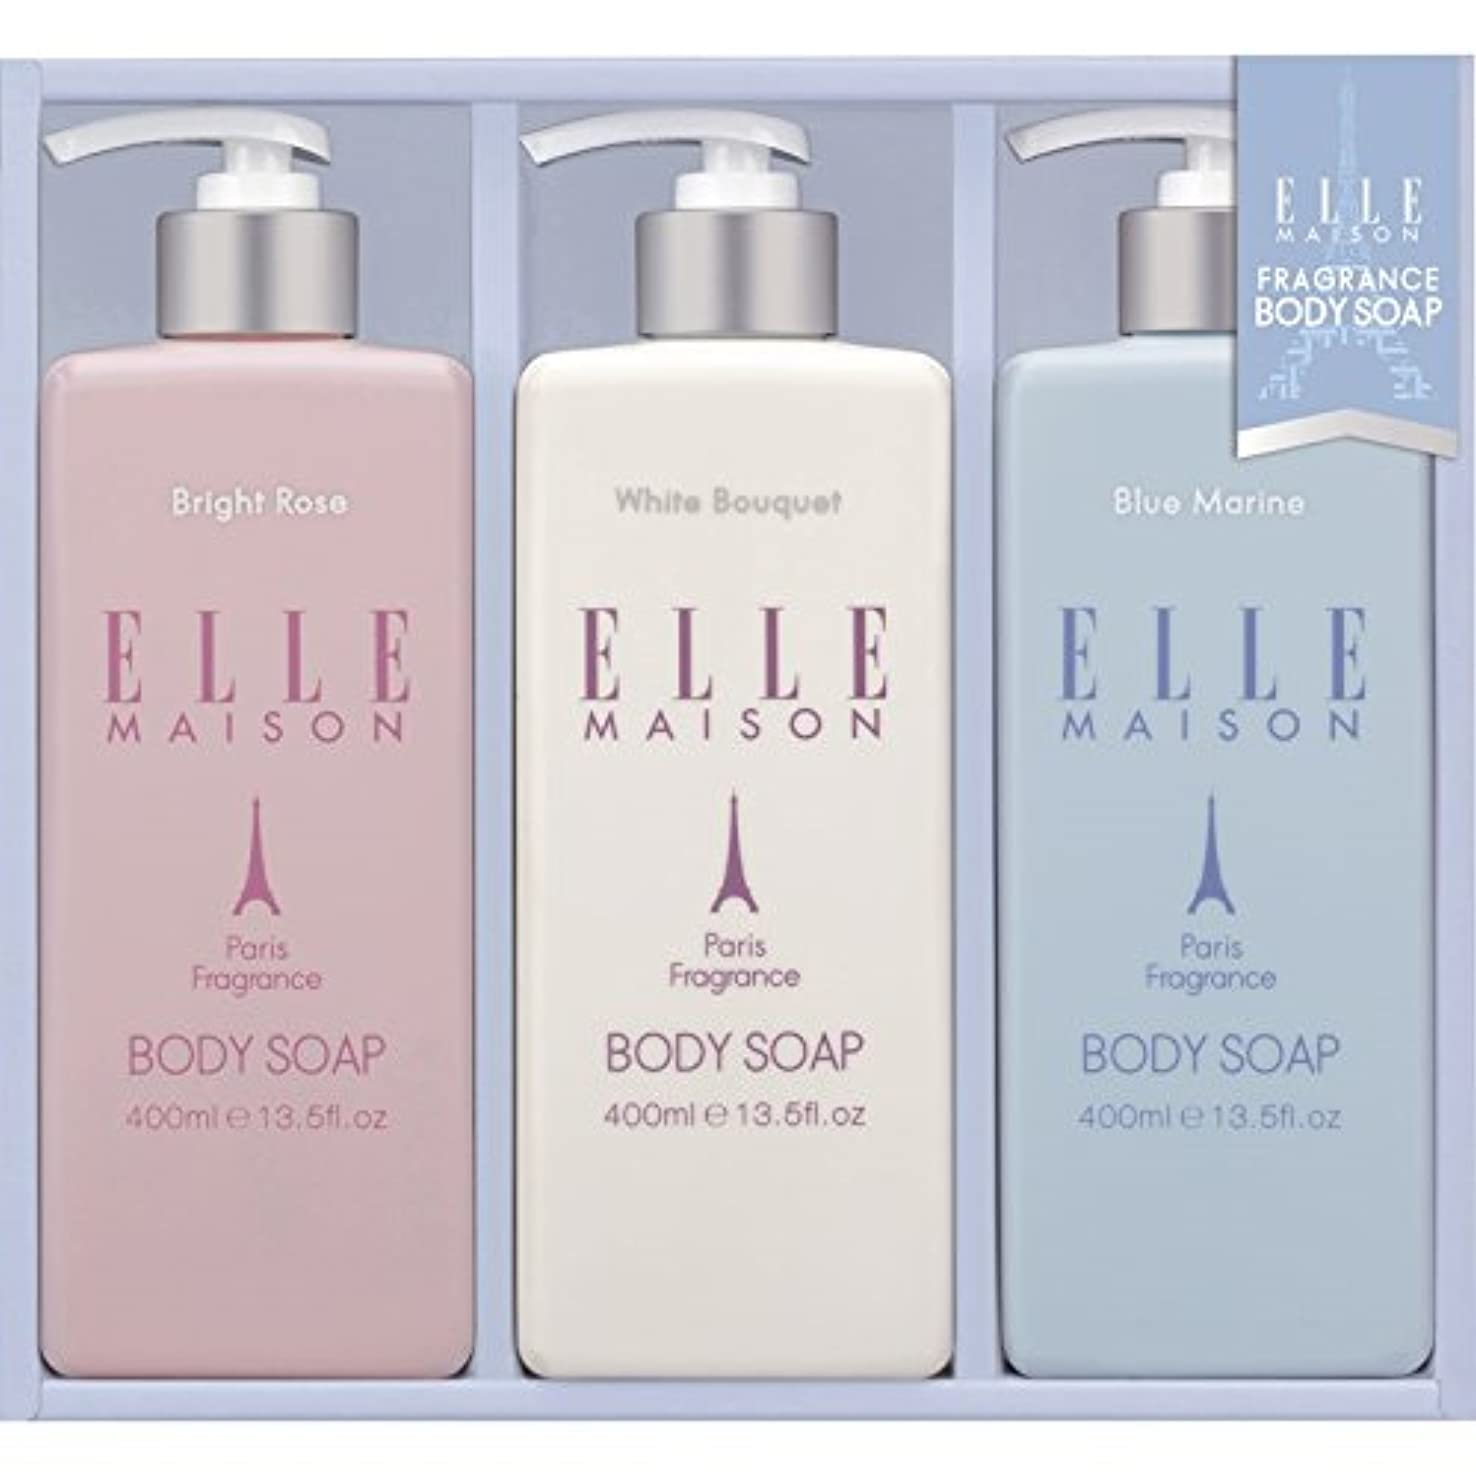 故意の立法遠征ELLE MAISON ボディソープギフト EBS-15 【保湿 いい匂い うるおい 液体 しっとり 良い香り やさしい 女性 贅沢 全身 美肌 詰め合わせ お風呂 バスタイム 洗う 美容】